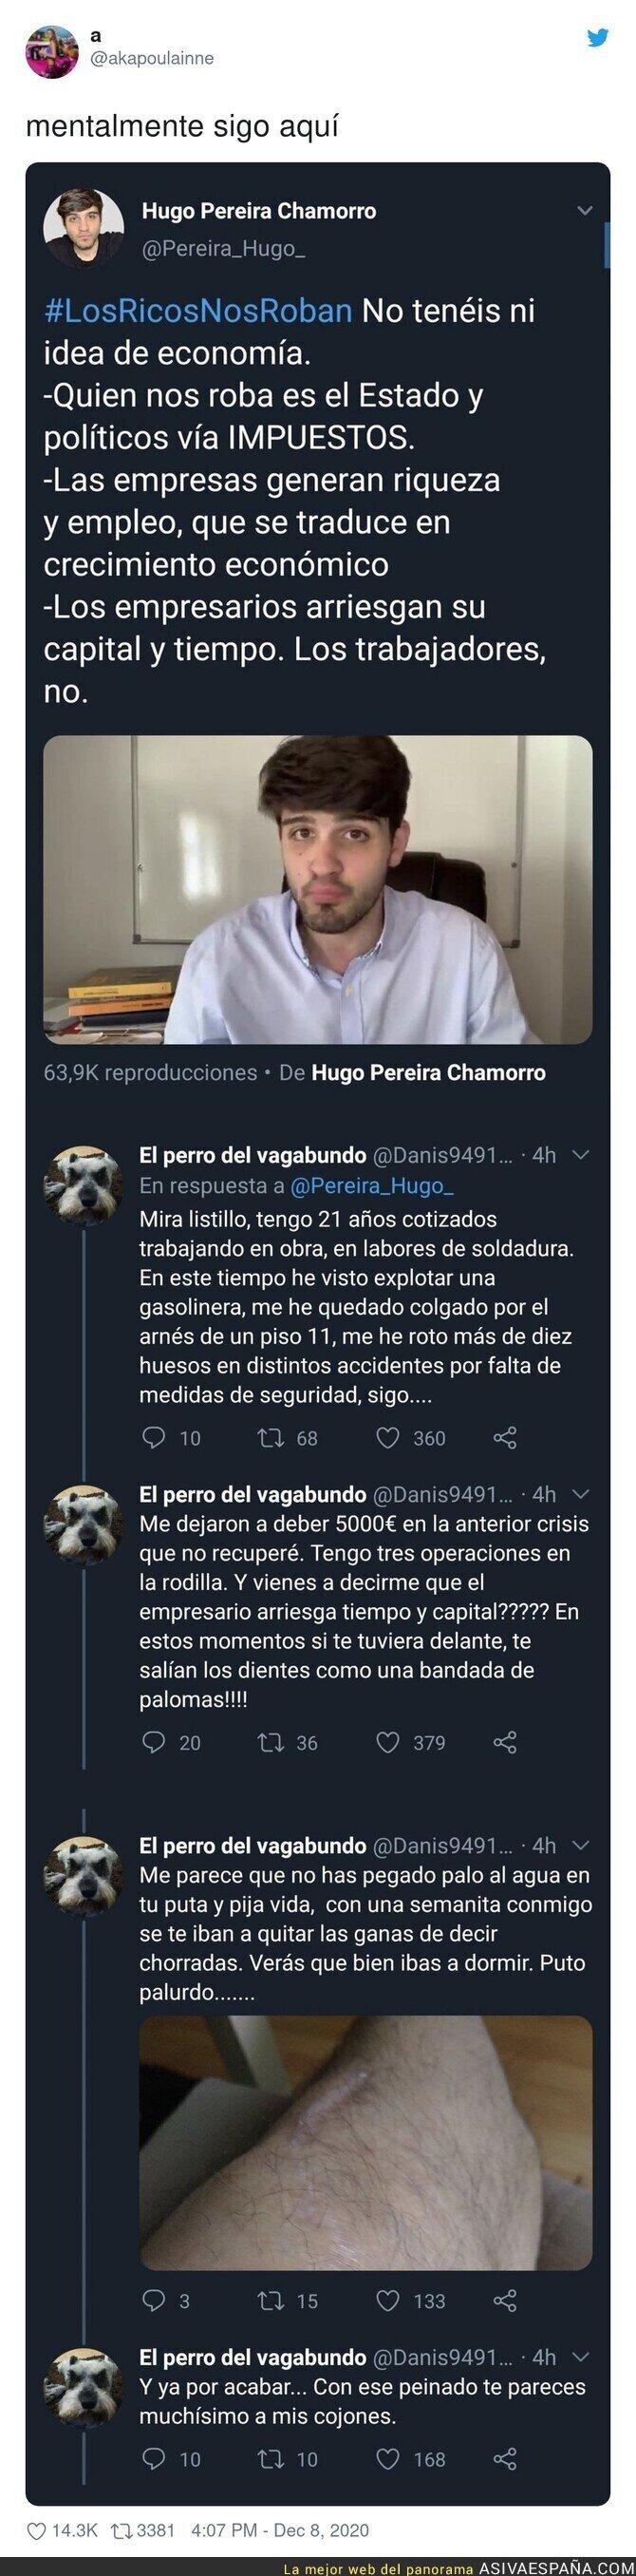 498629 - El repaso monumental que le pegan a Hugo Pereira tras hablar de economía